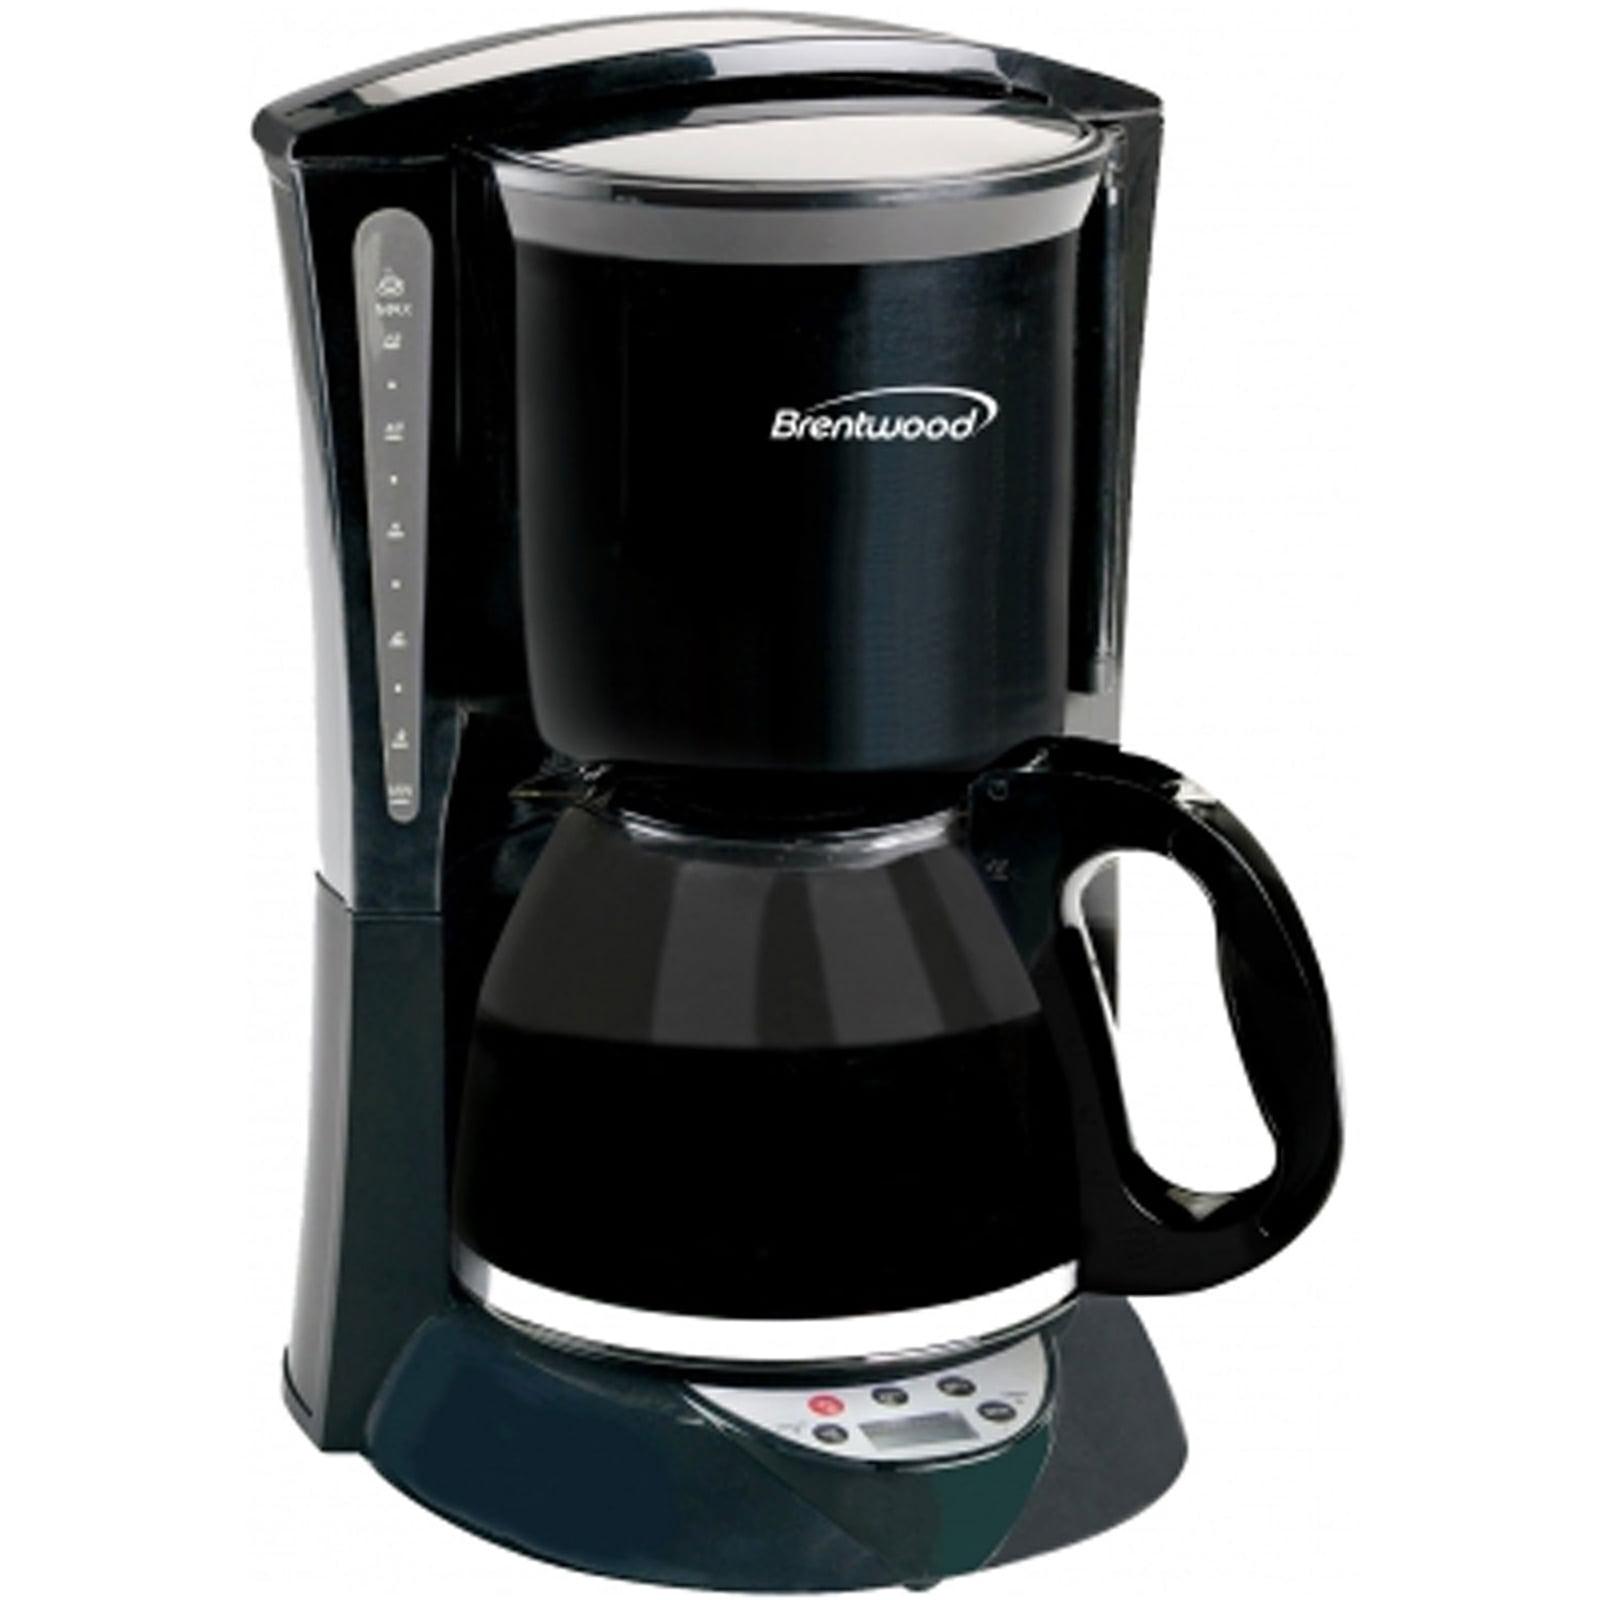 Brentwood 12-Cup Digital CoffeeMaker (Black)